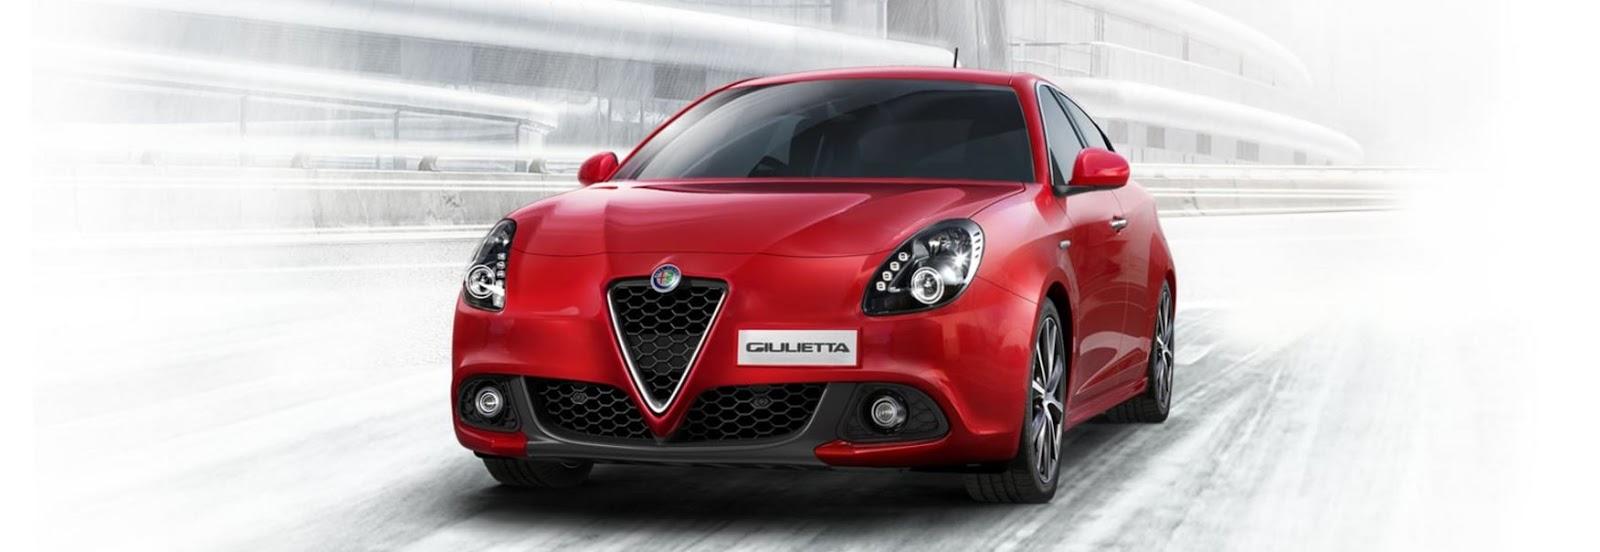 Offerte Alfa Romeo promozione Giulietta - Febbraio 2017